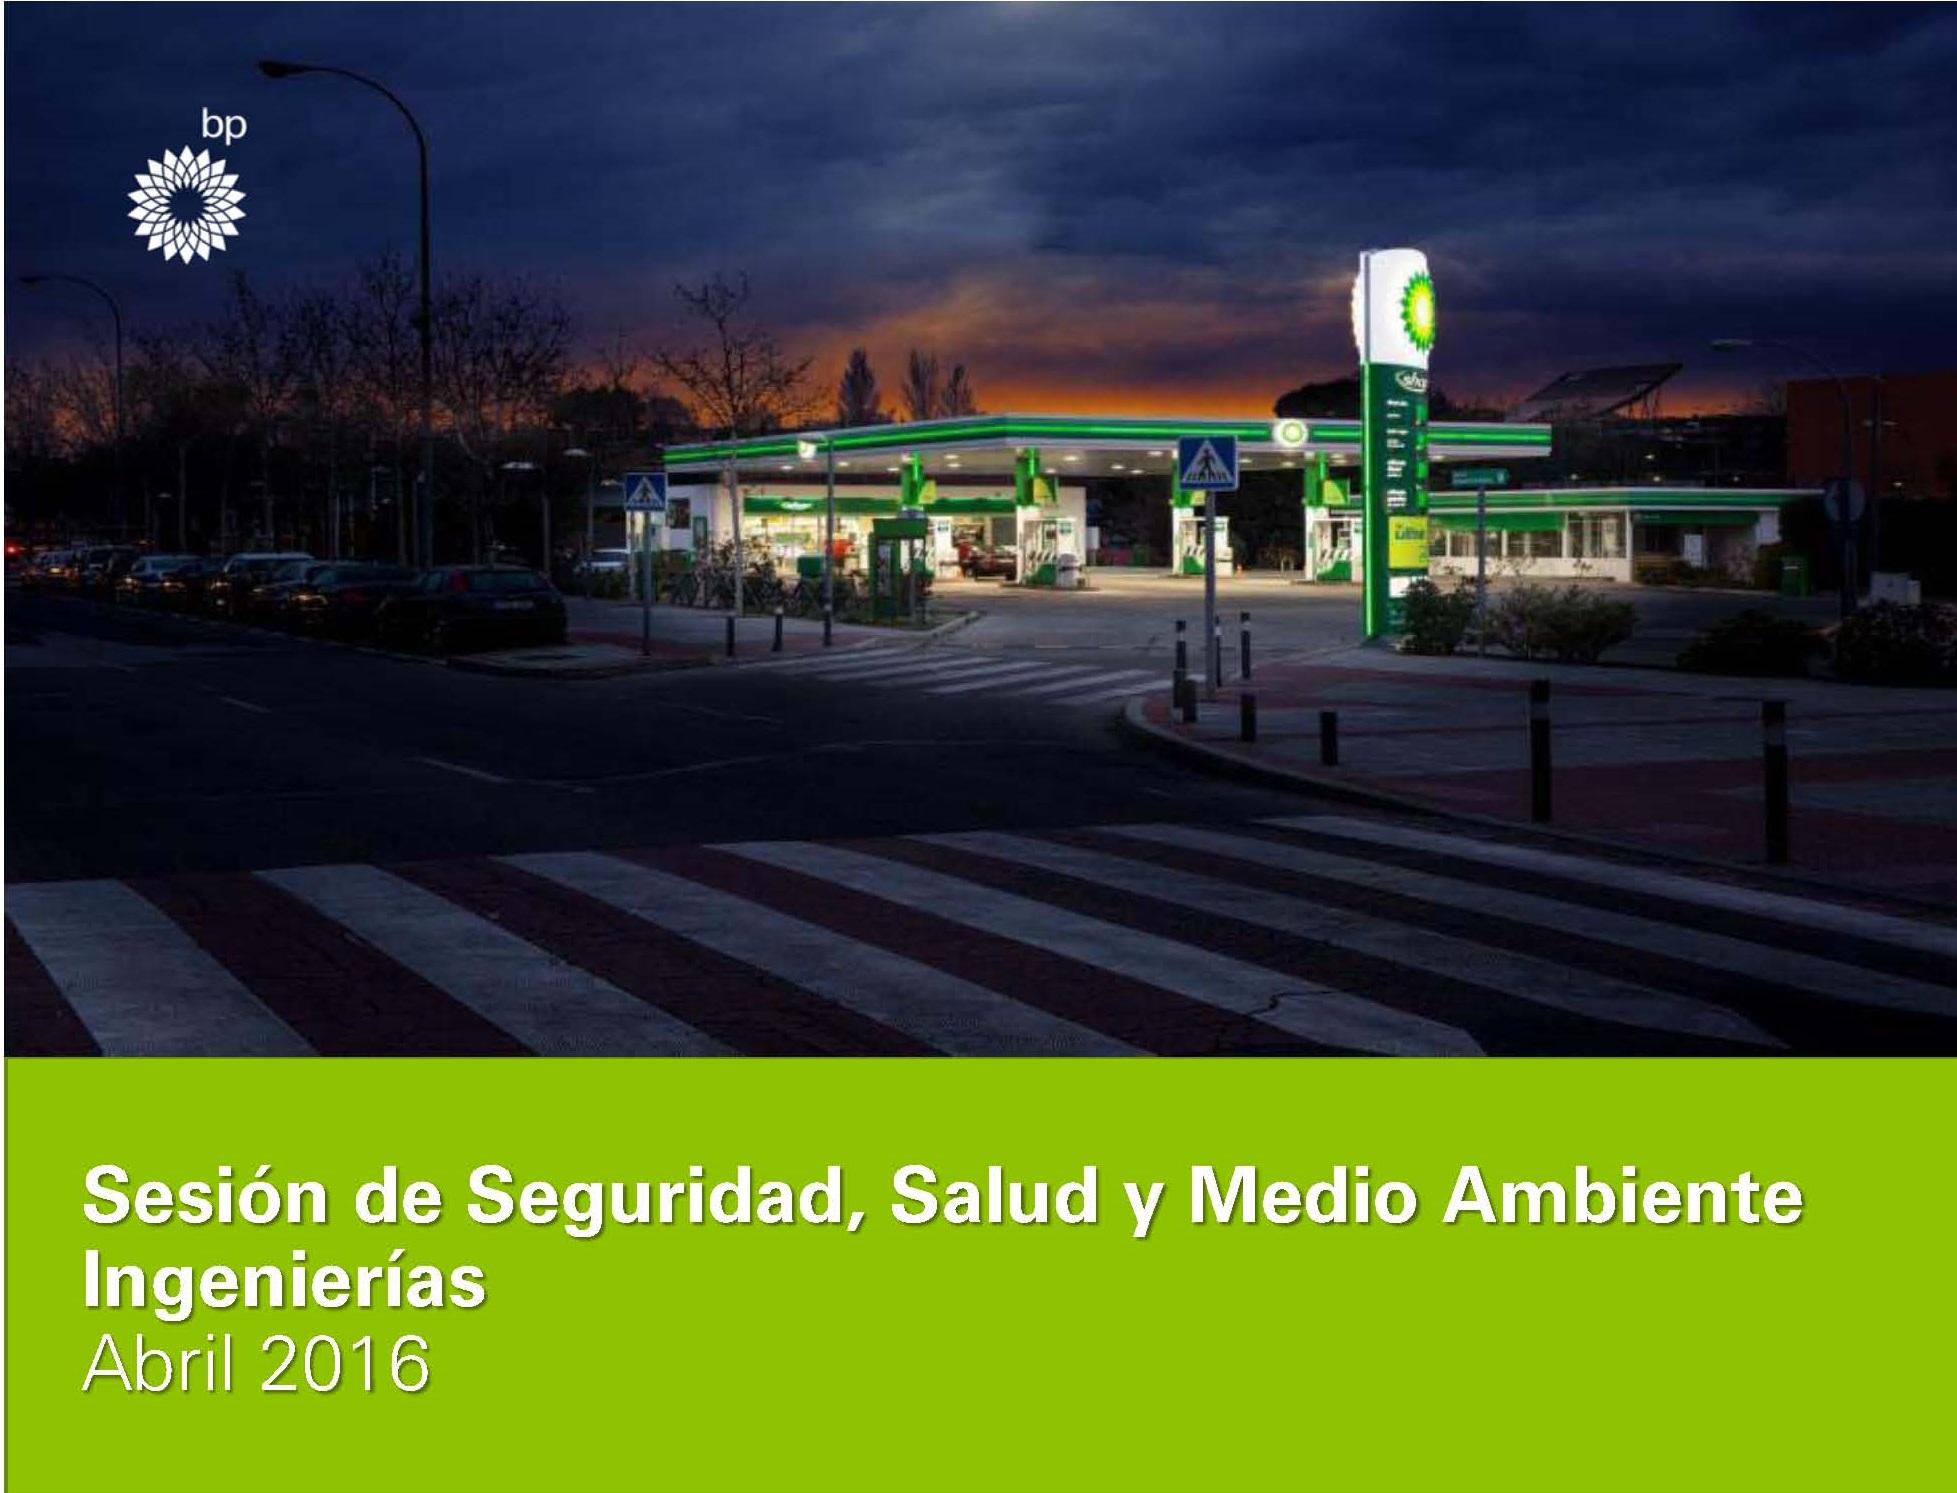 Sesión de Seguridad, Salud y Medio Ambiente para Ingenierías de BP Oíl España.